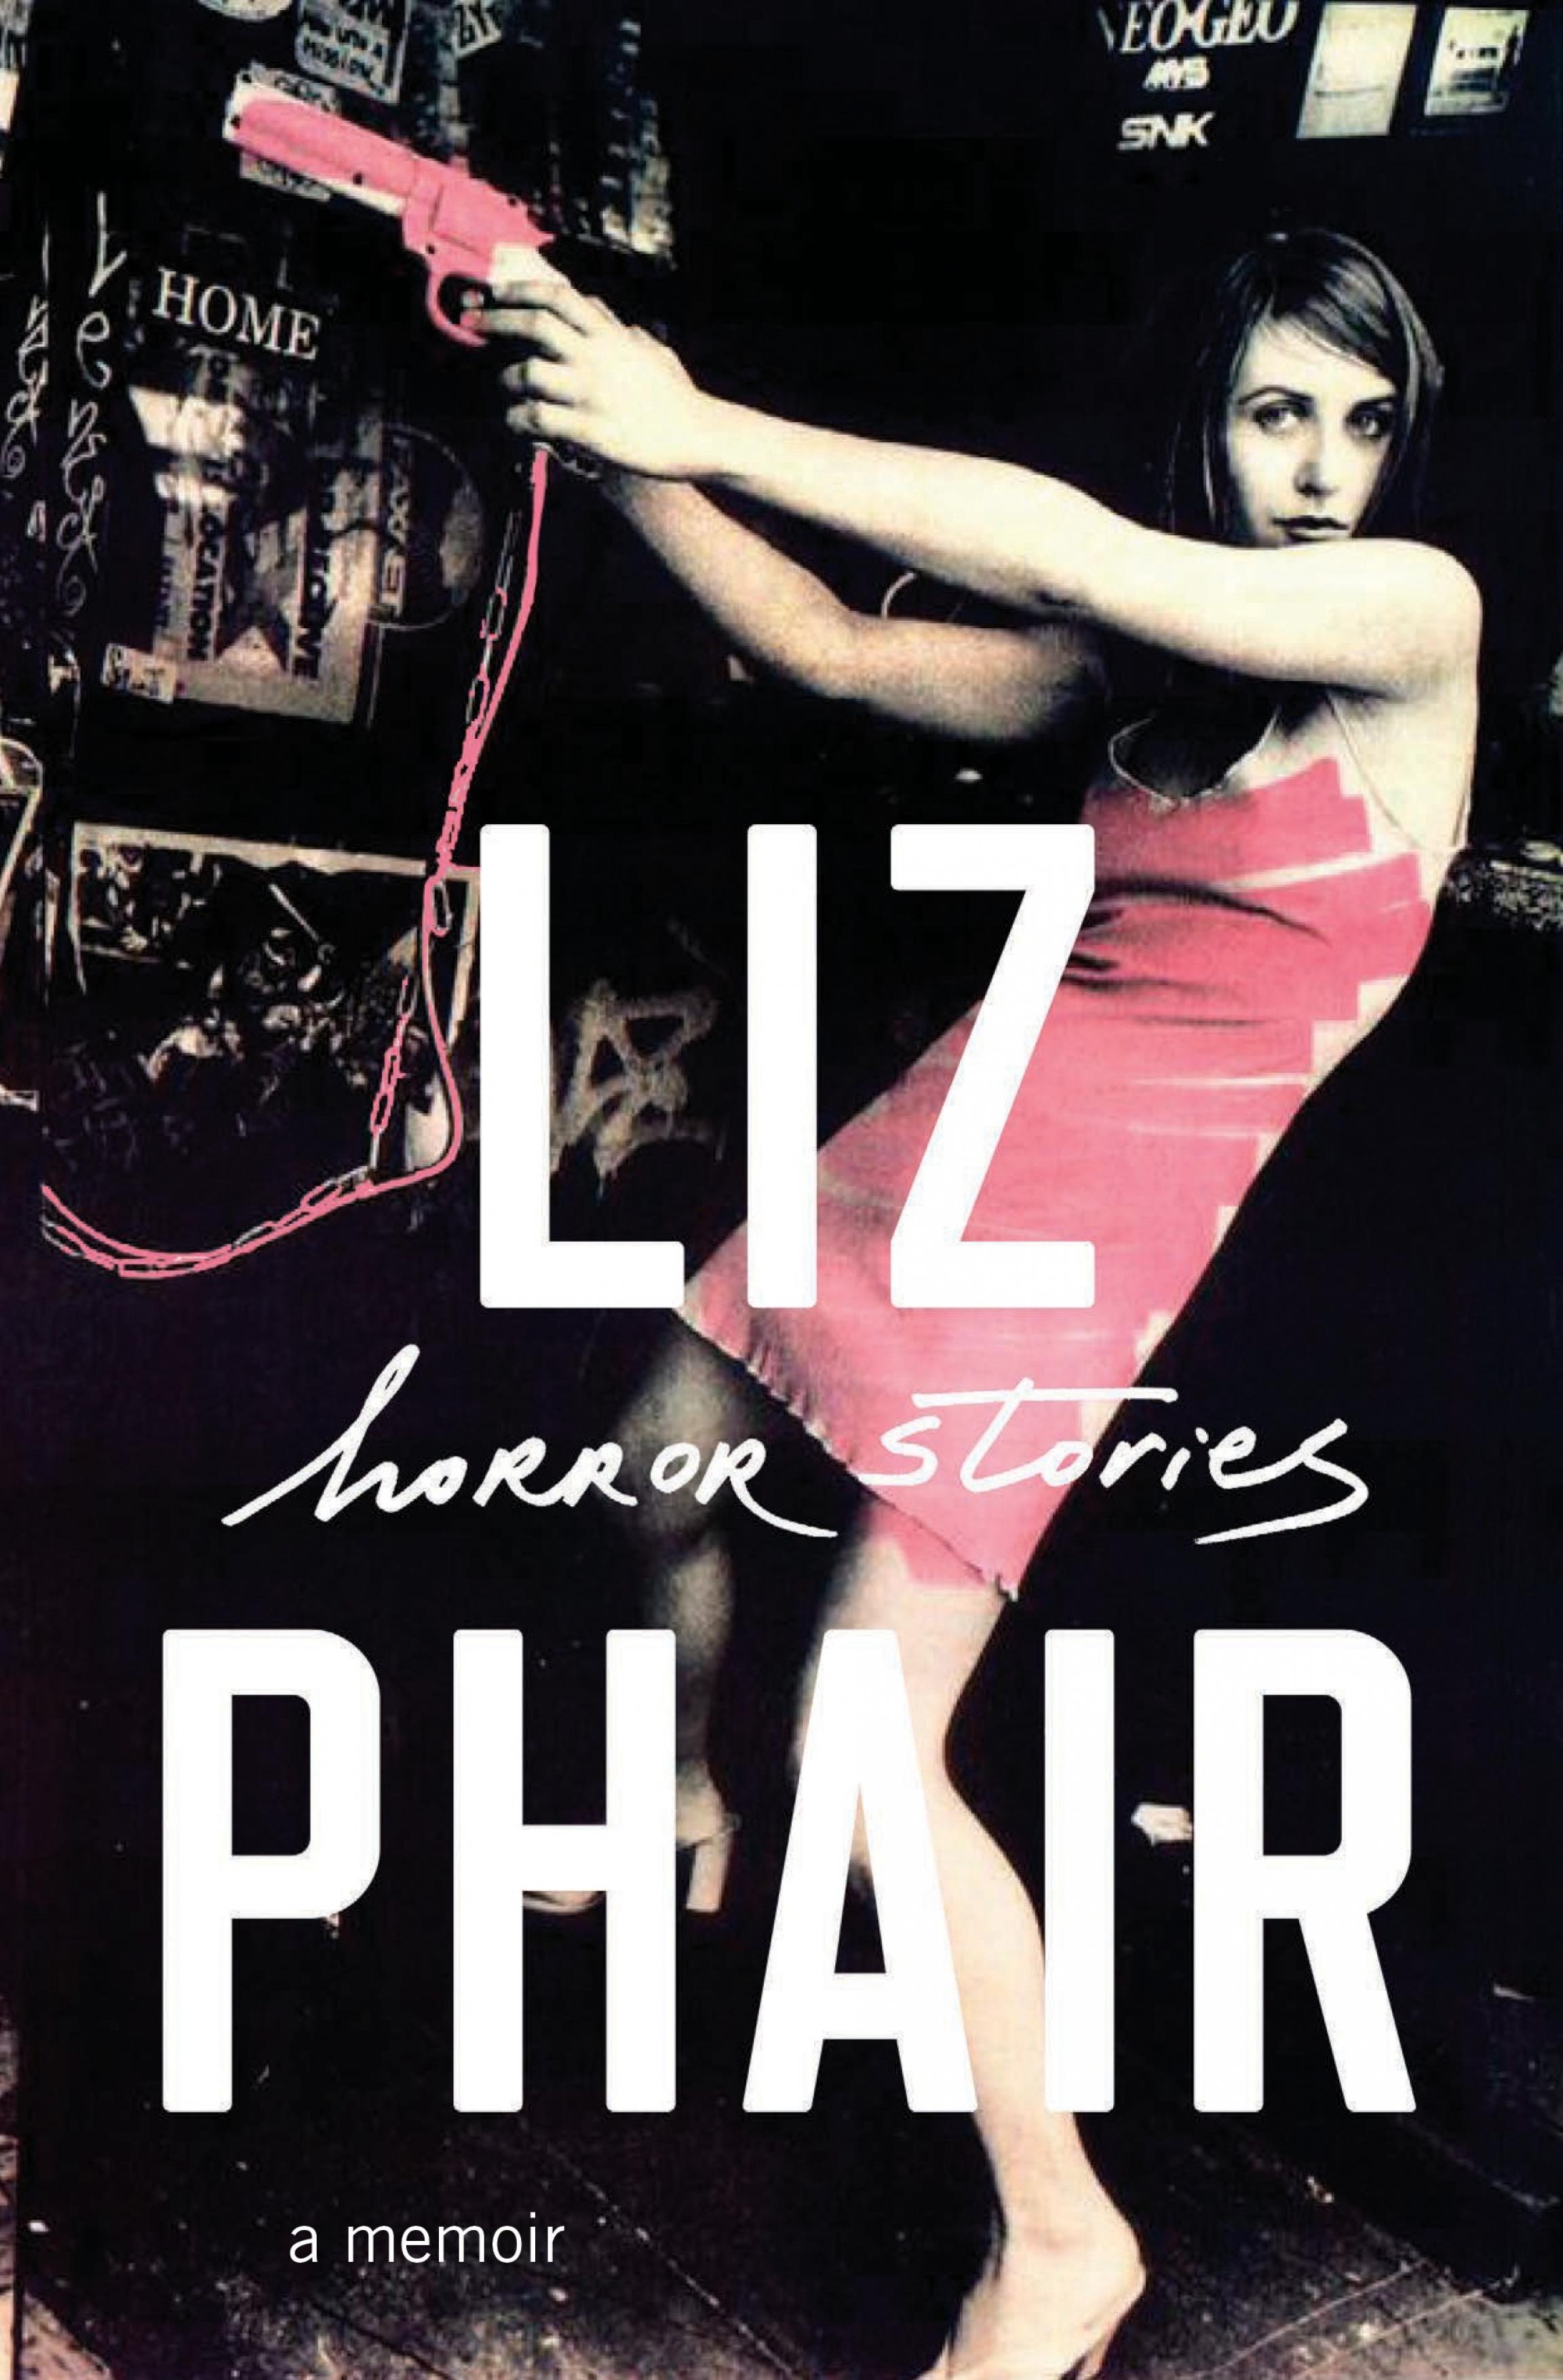 """Liz Phair's memoir """"Horror Stories."""""""